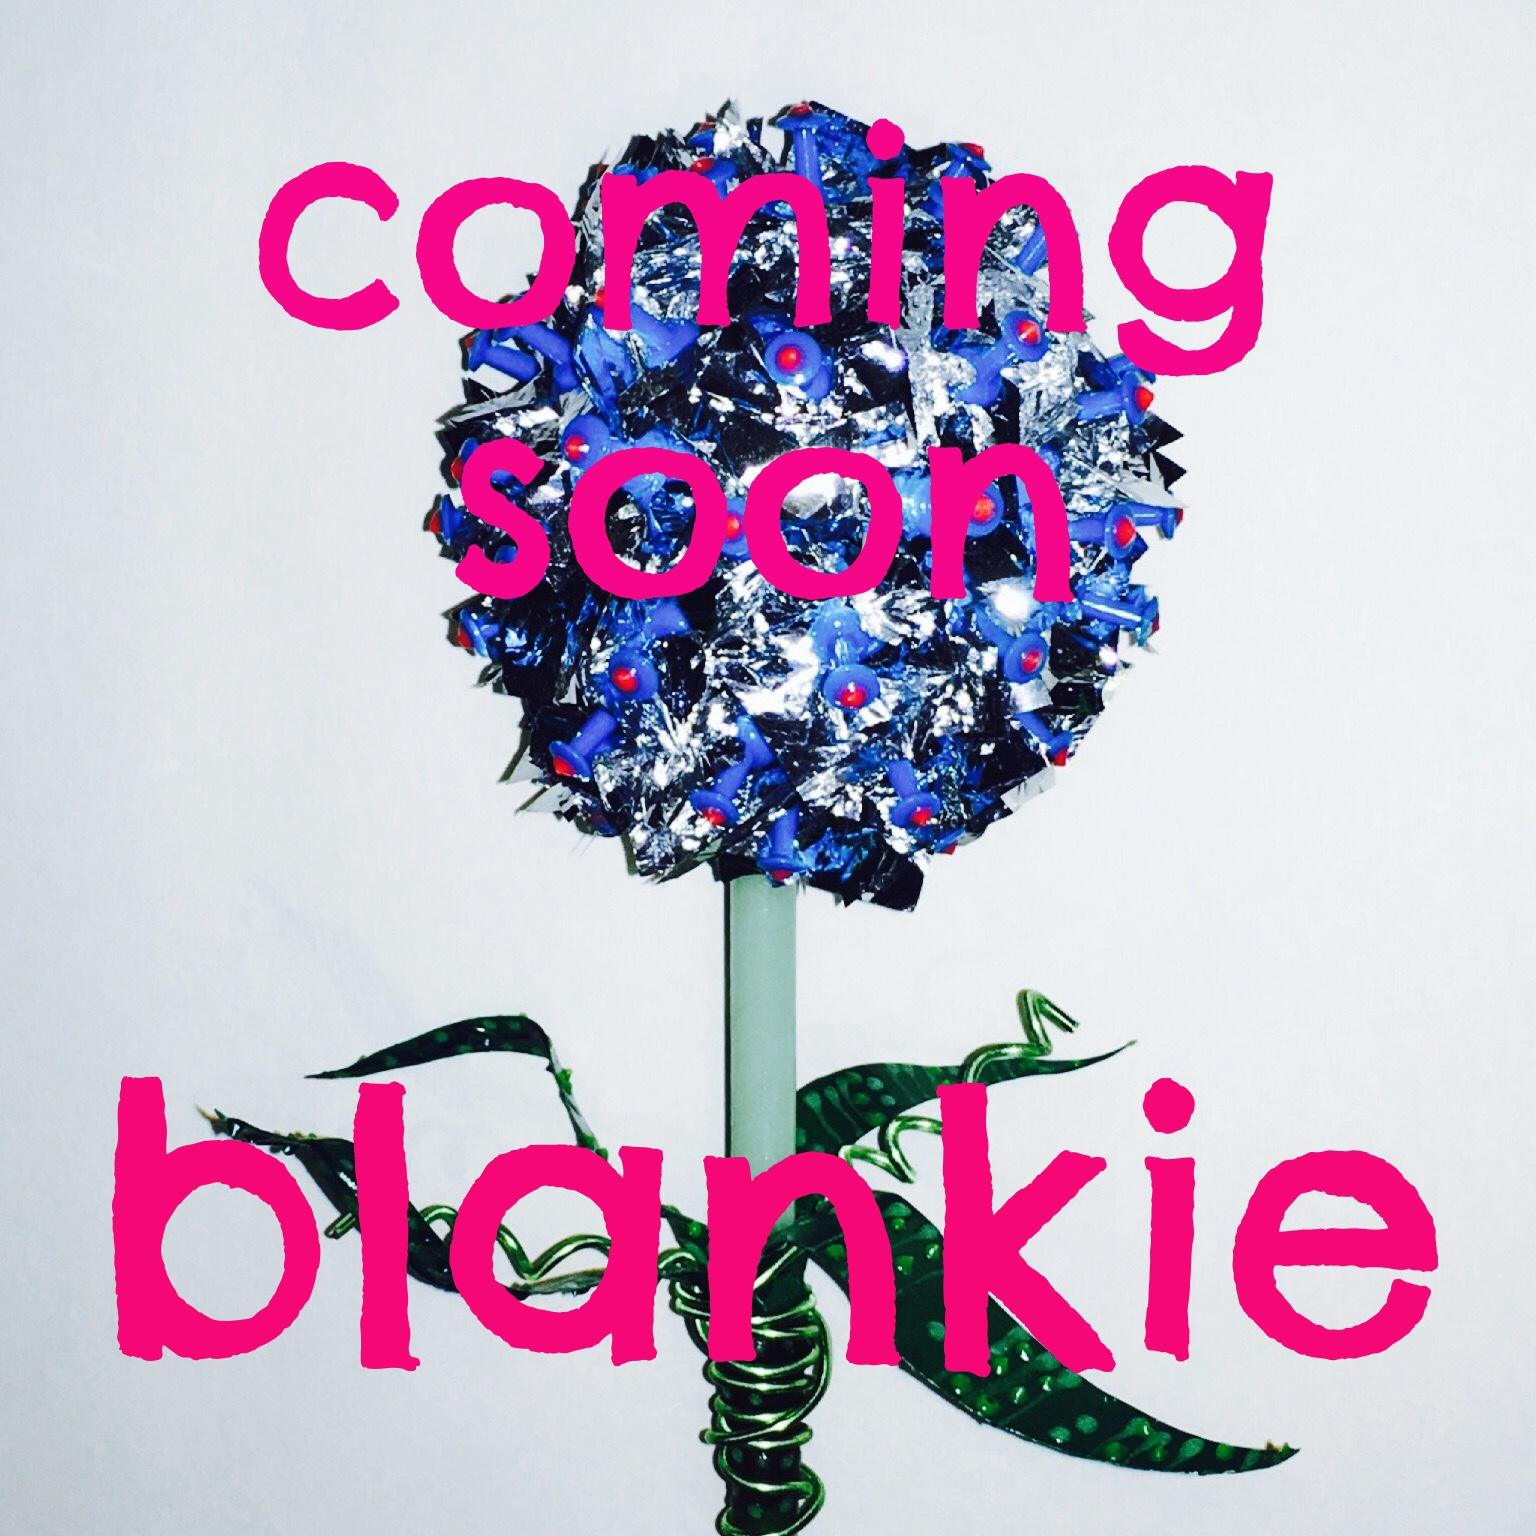 Copy of blankie coming soon